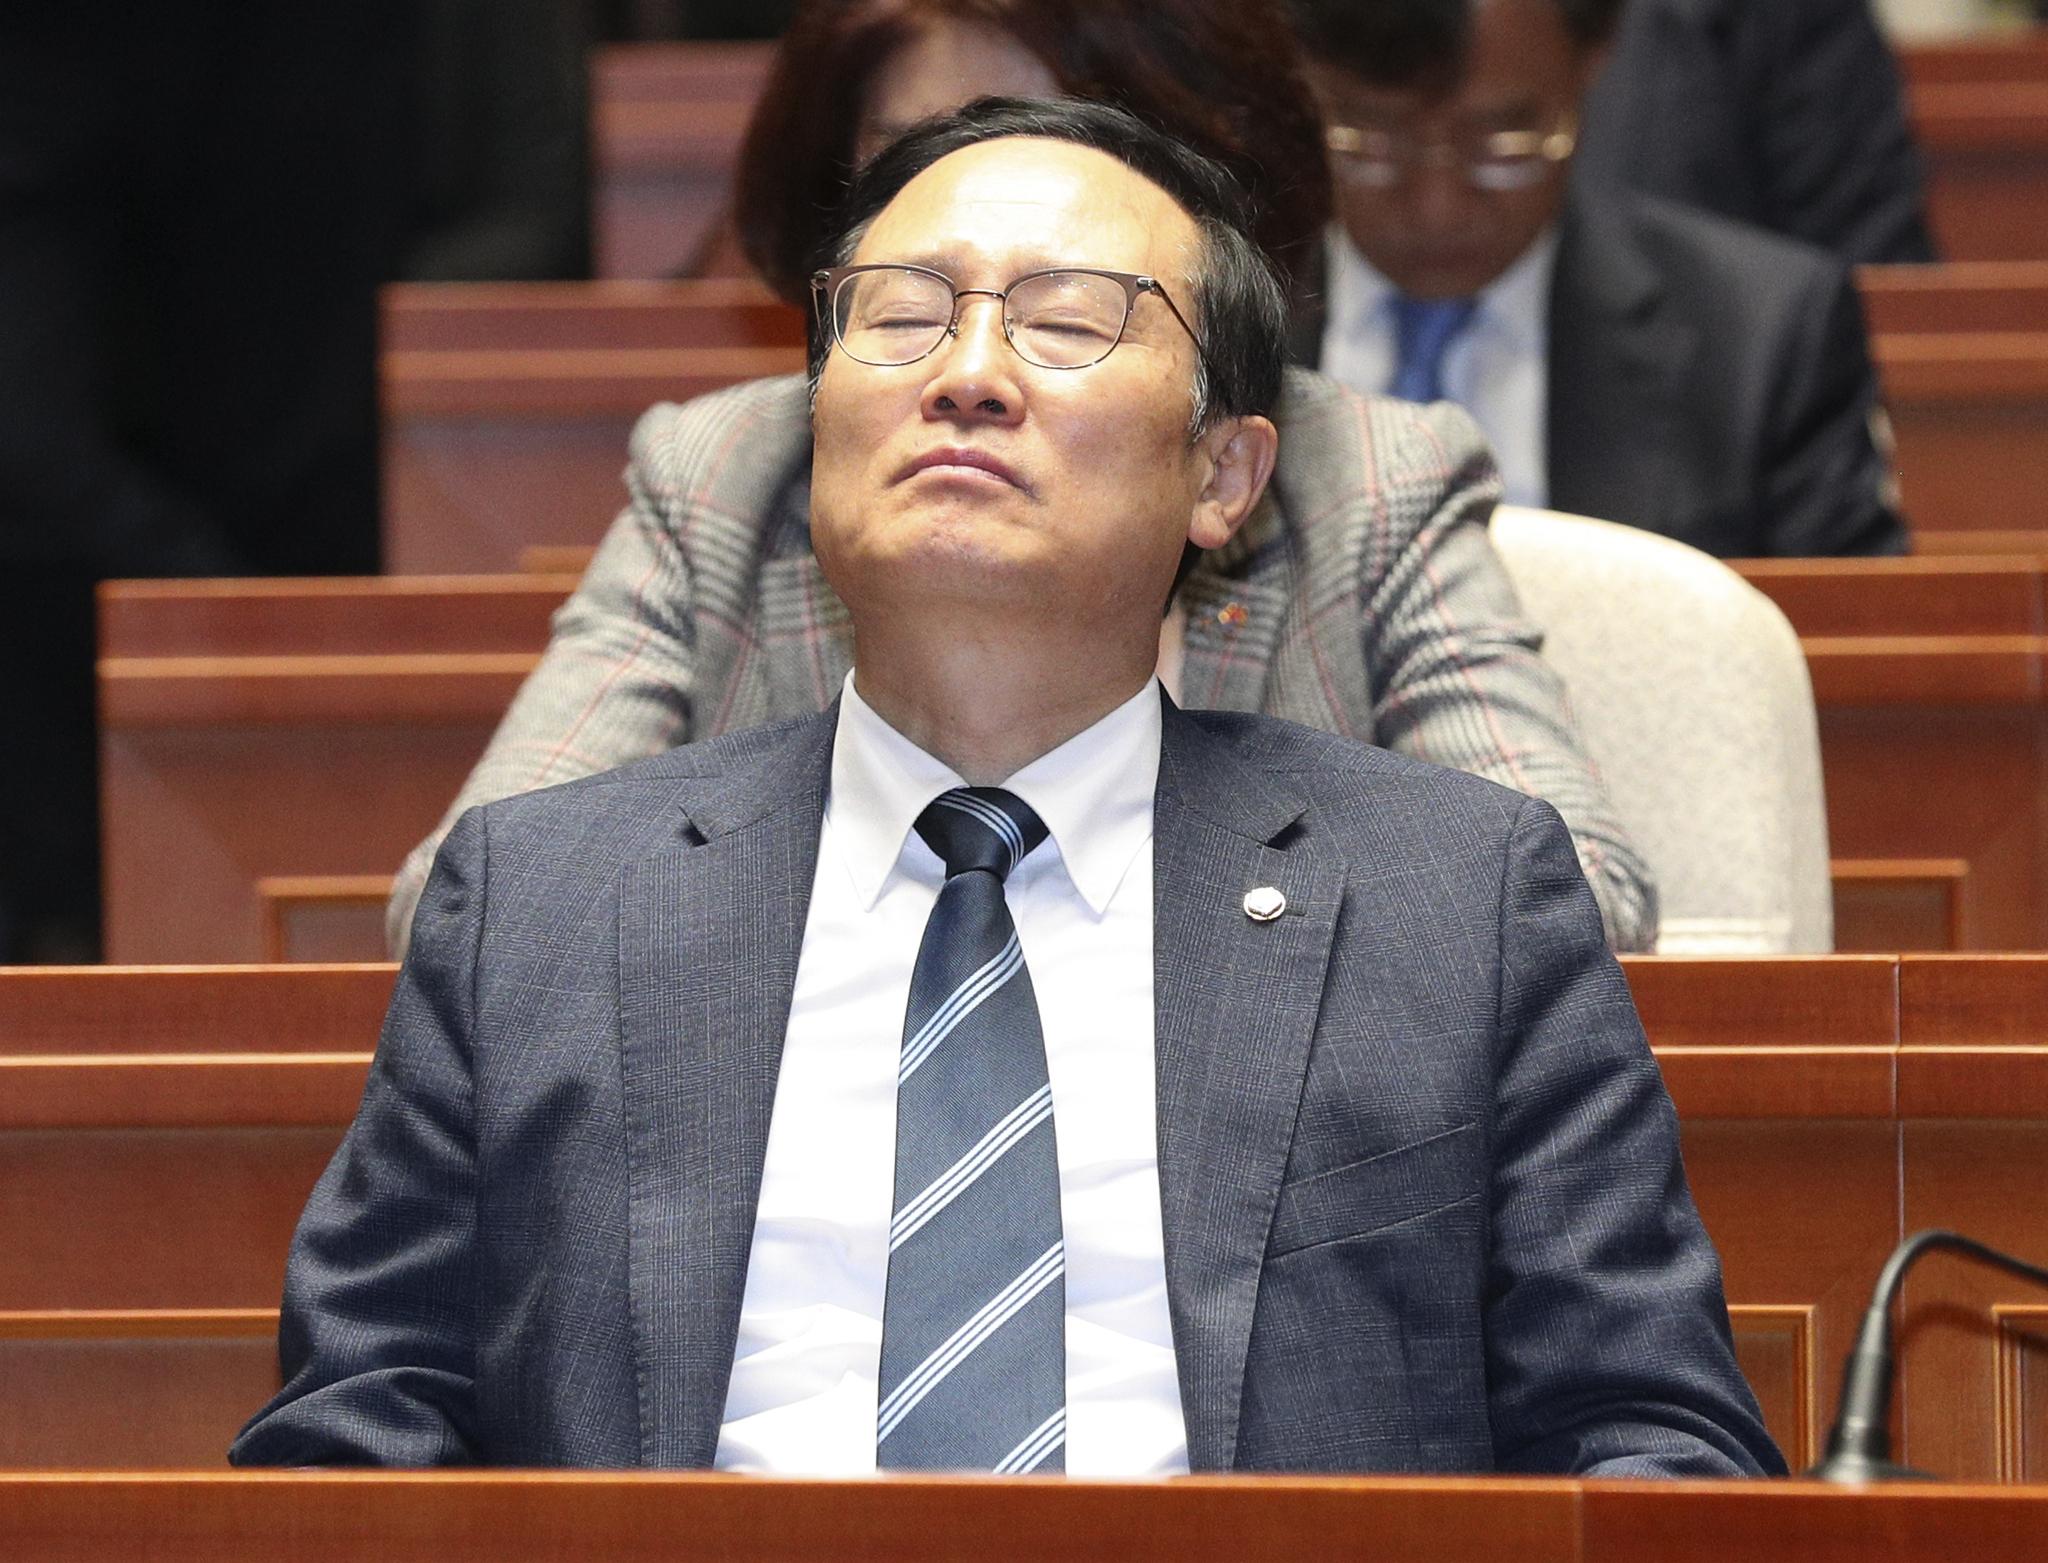 홍영표 원내대표가 눈을 감고 의원들 발언을 듣고 있다. 임현동 기자